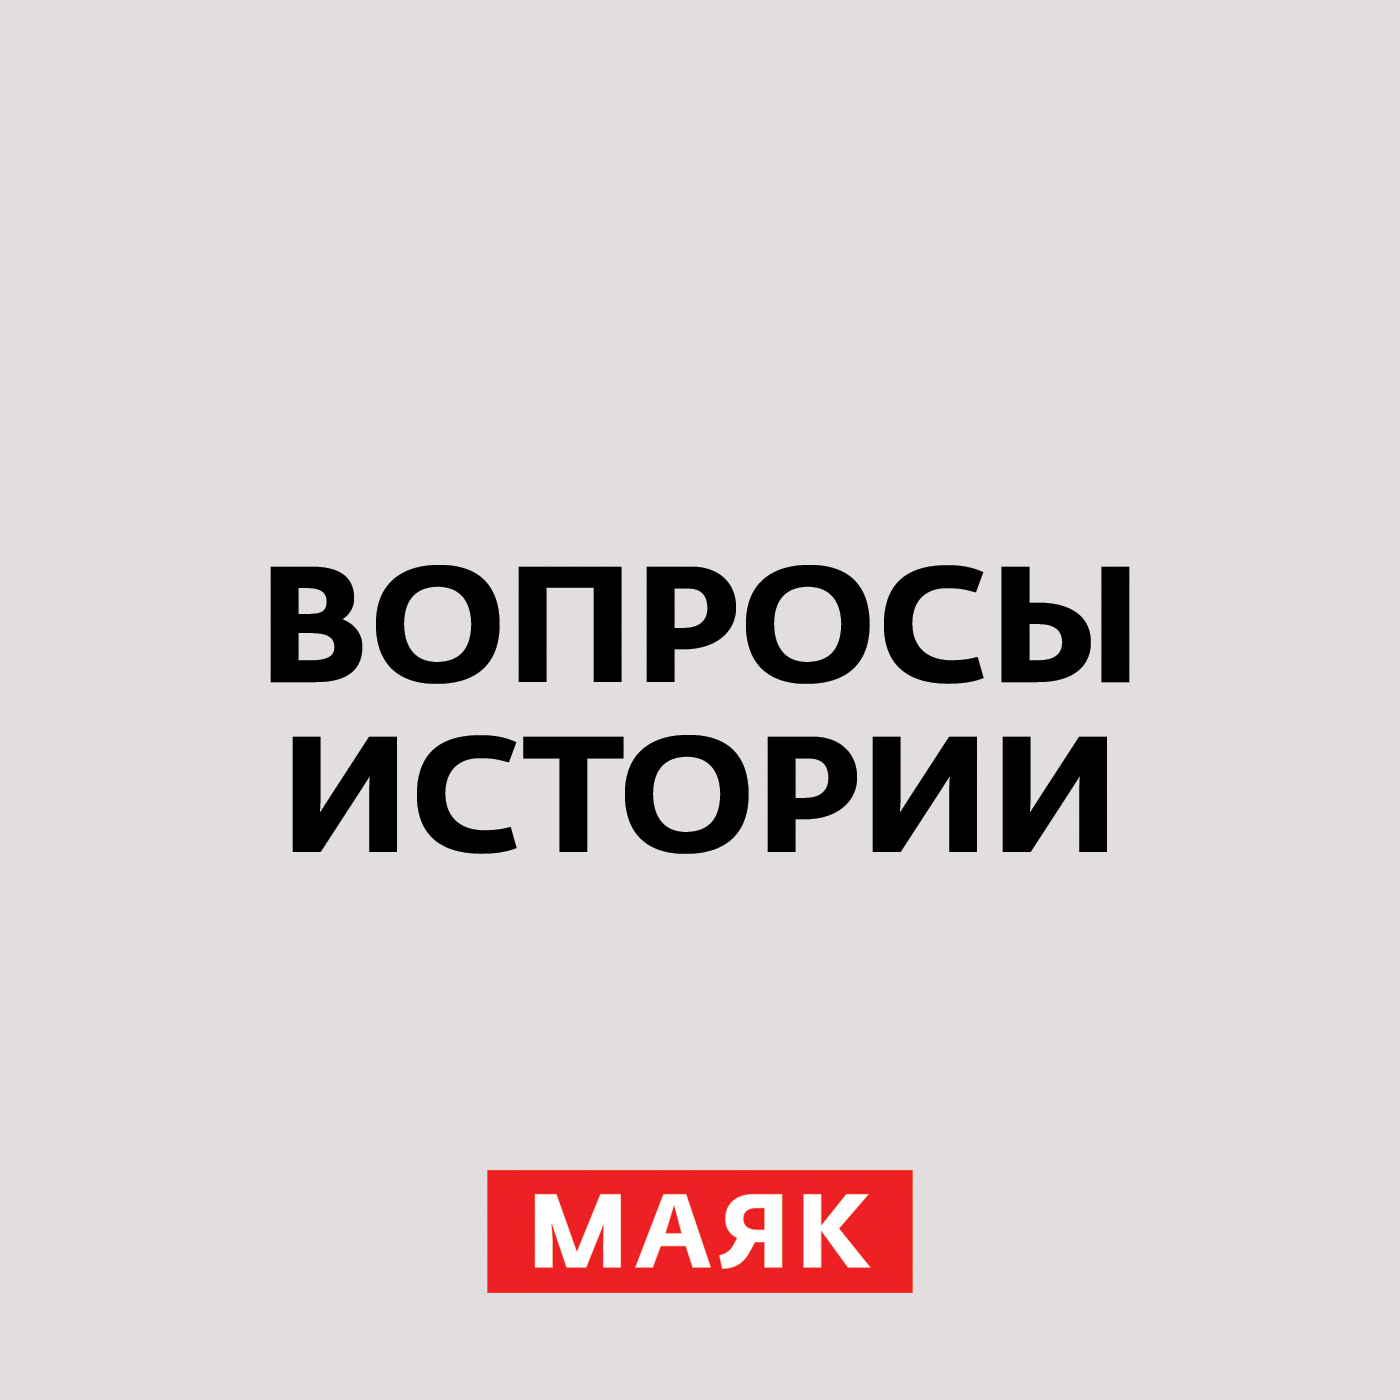 Андрей Светенко Расширять программу зимней Олимпиады дальше некуда. Часть 1 андрей светенко балканы – пороховая бочка европы